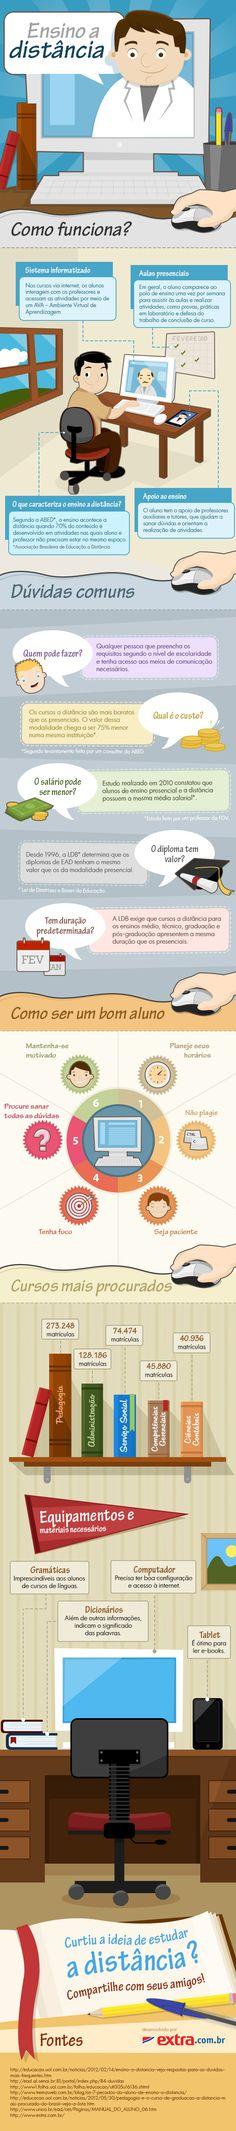 Infográfico sobre Ensino a distância (EAD)